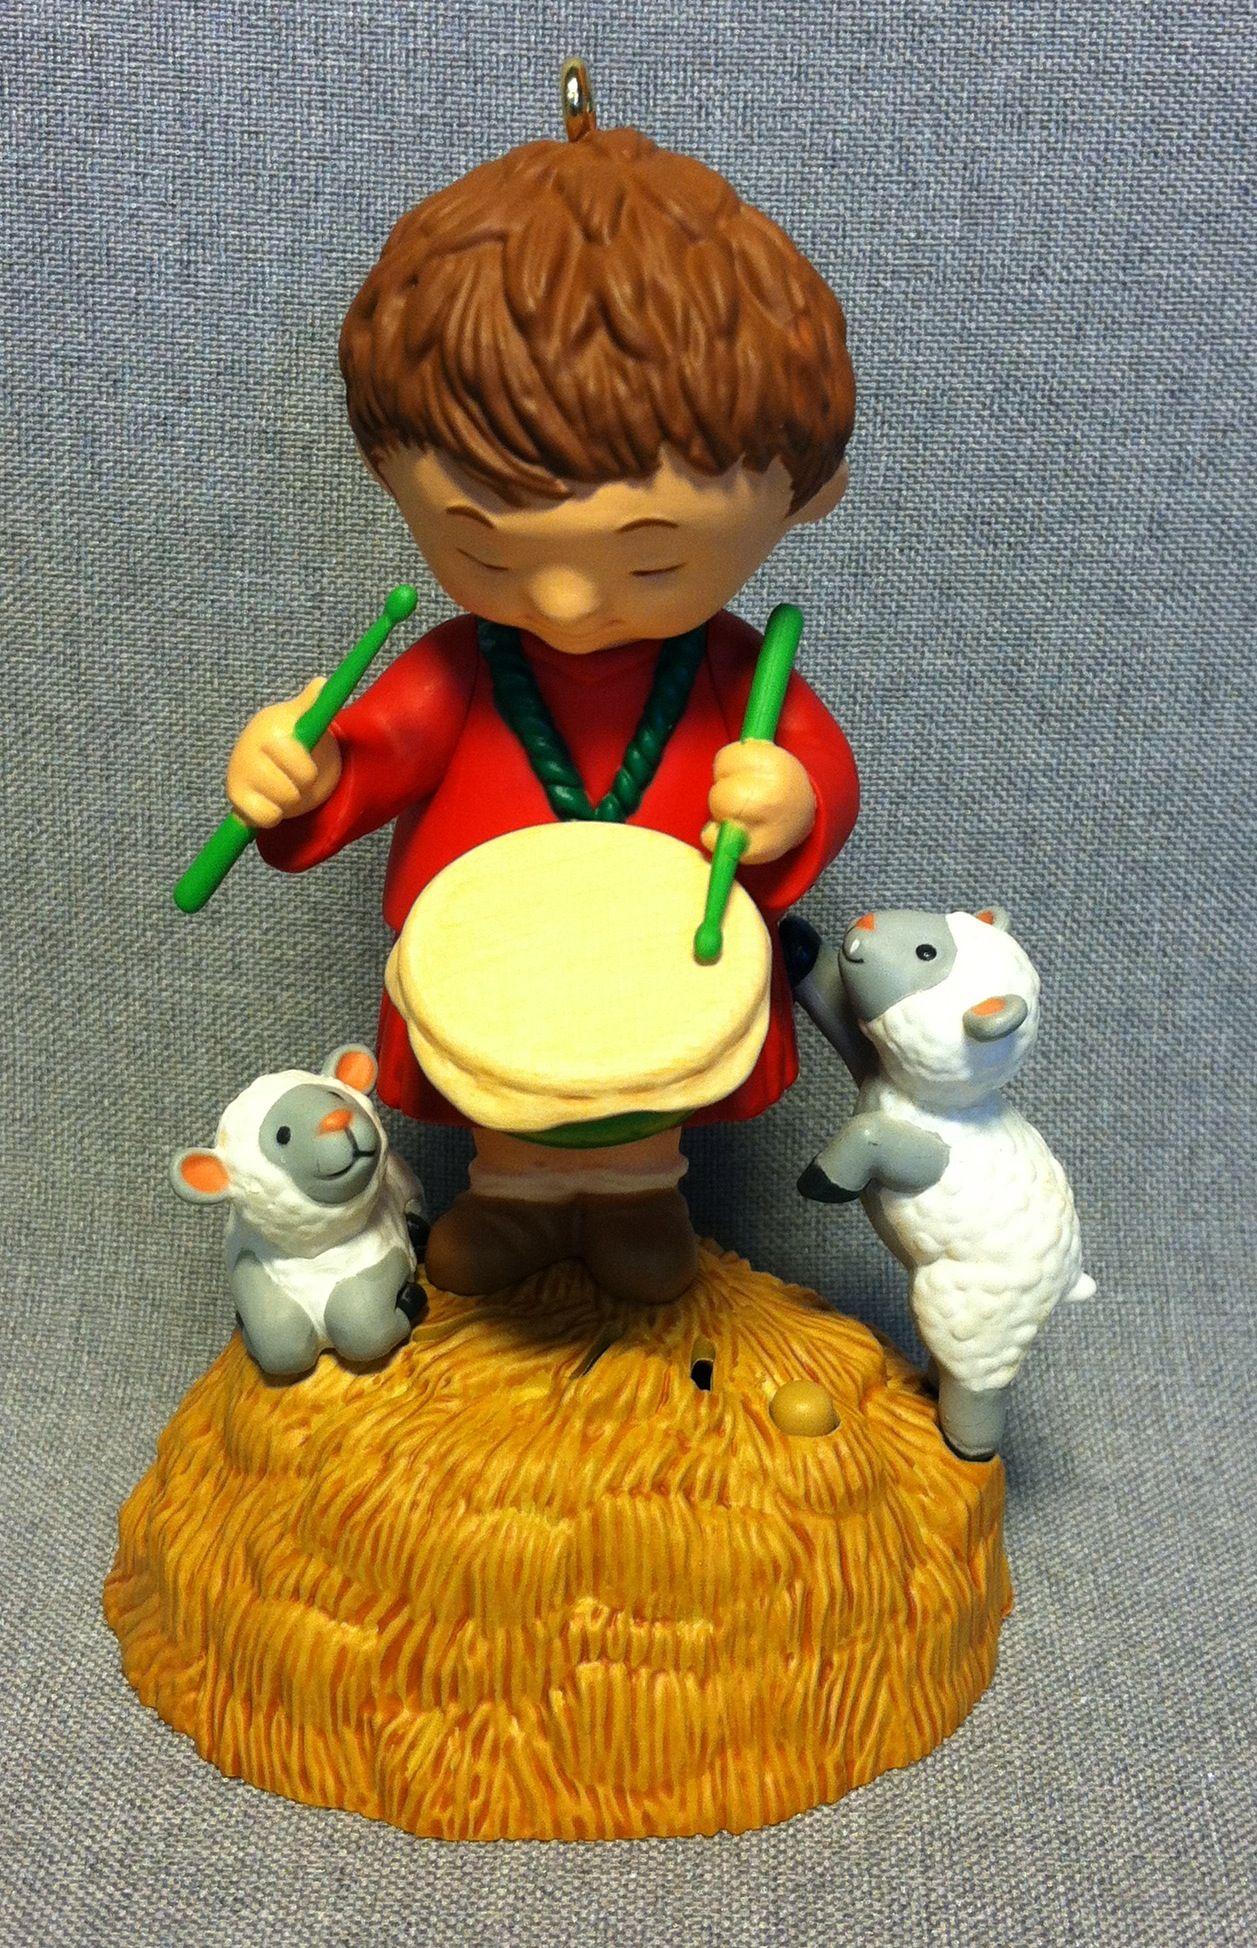 Little Drummer Boy Hallmark 2010 Hallmark ornaments